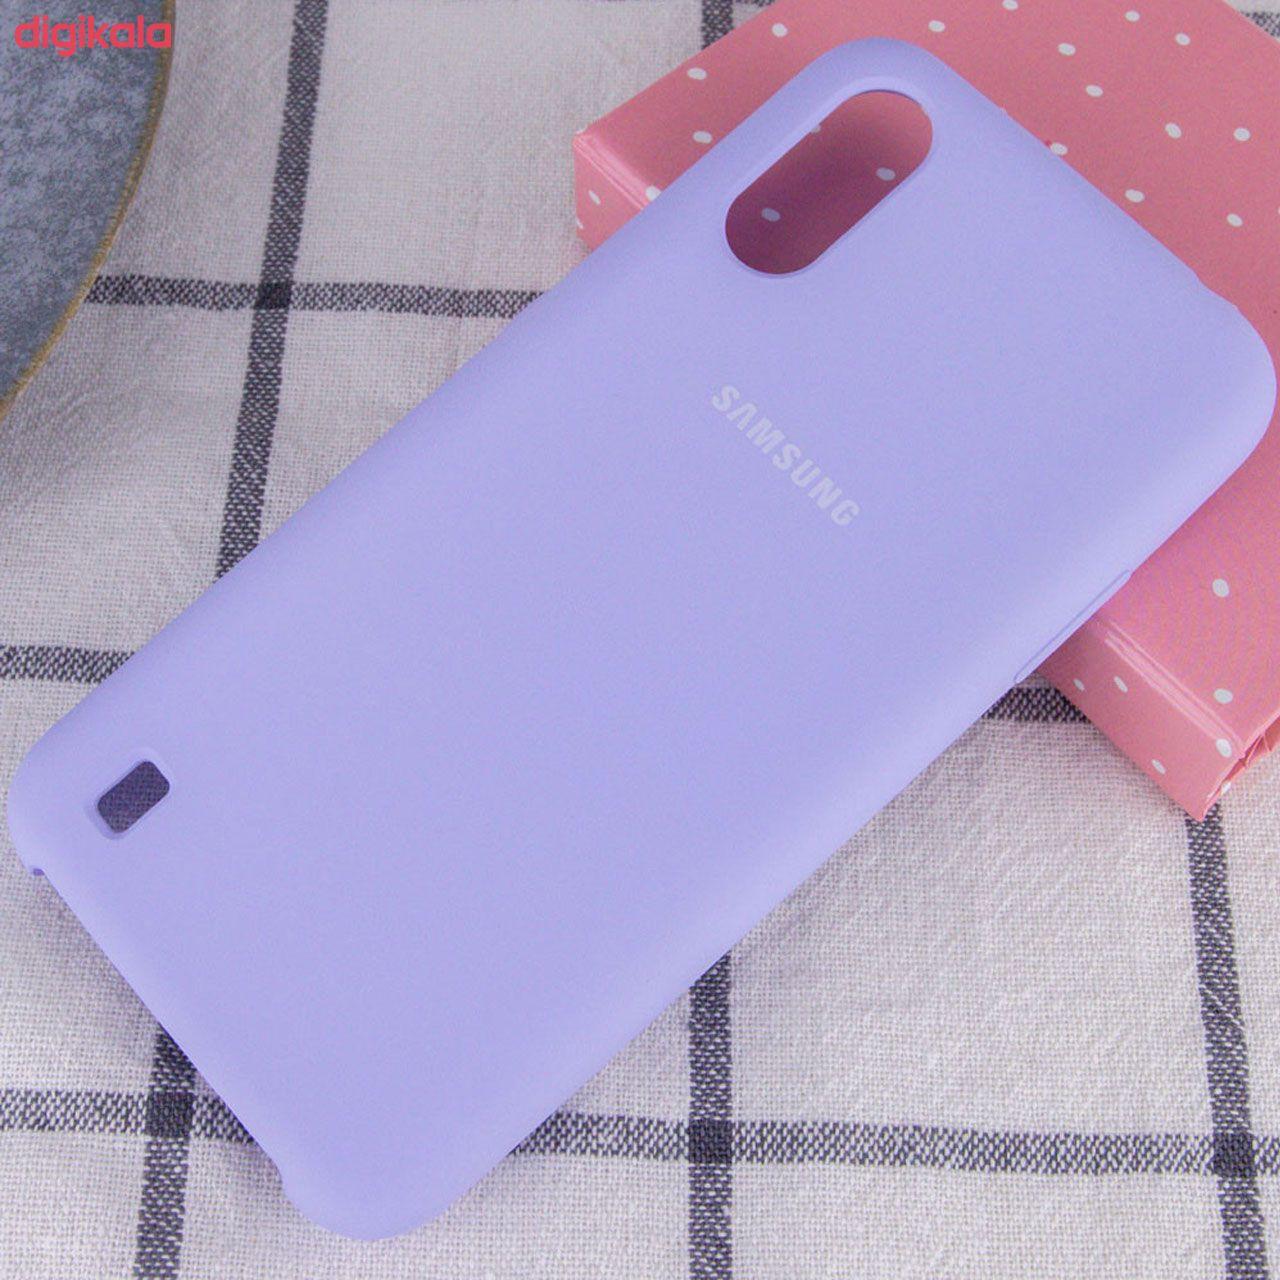 کاور مدل SLCN مناسب برای گوشی موبایل سامسونگ Galaxy A01 main 1 24